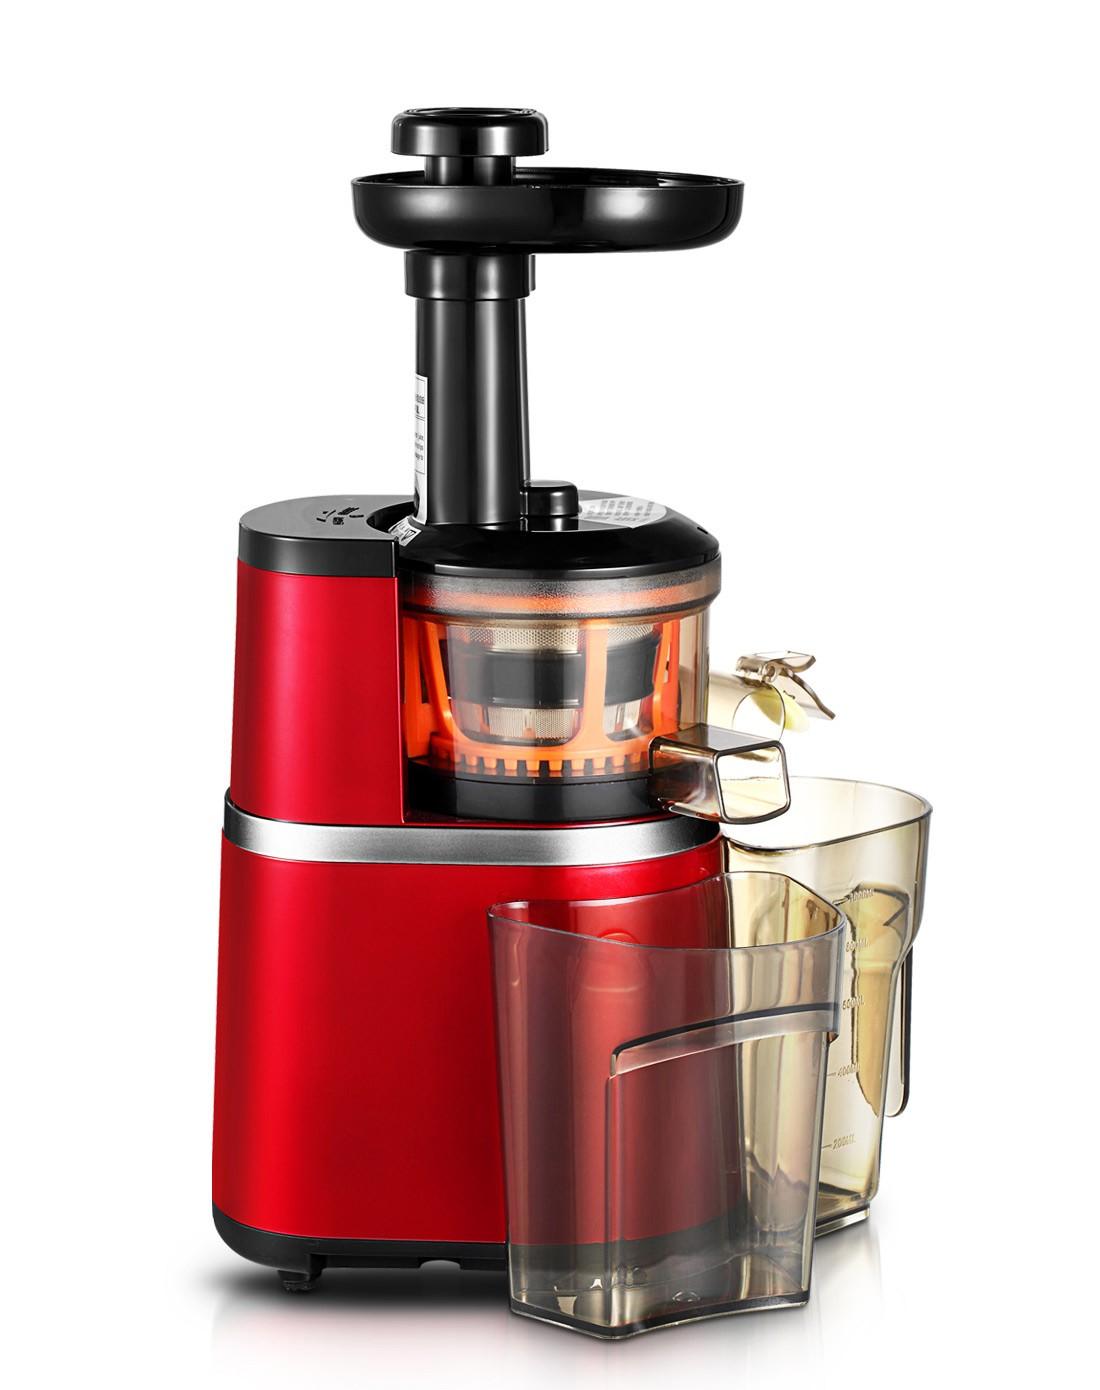 > 原汁机 液晶显示螺旋式 三档调速营养压榨